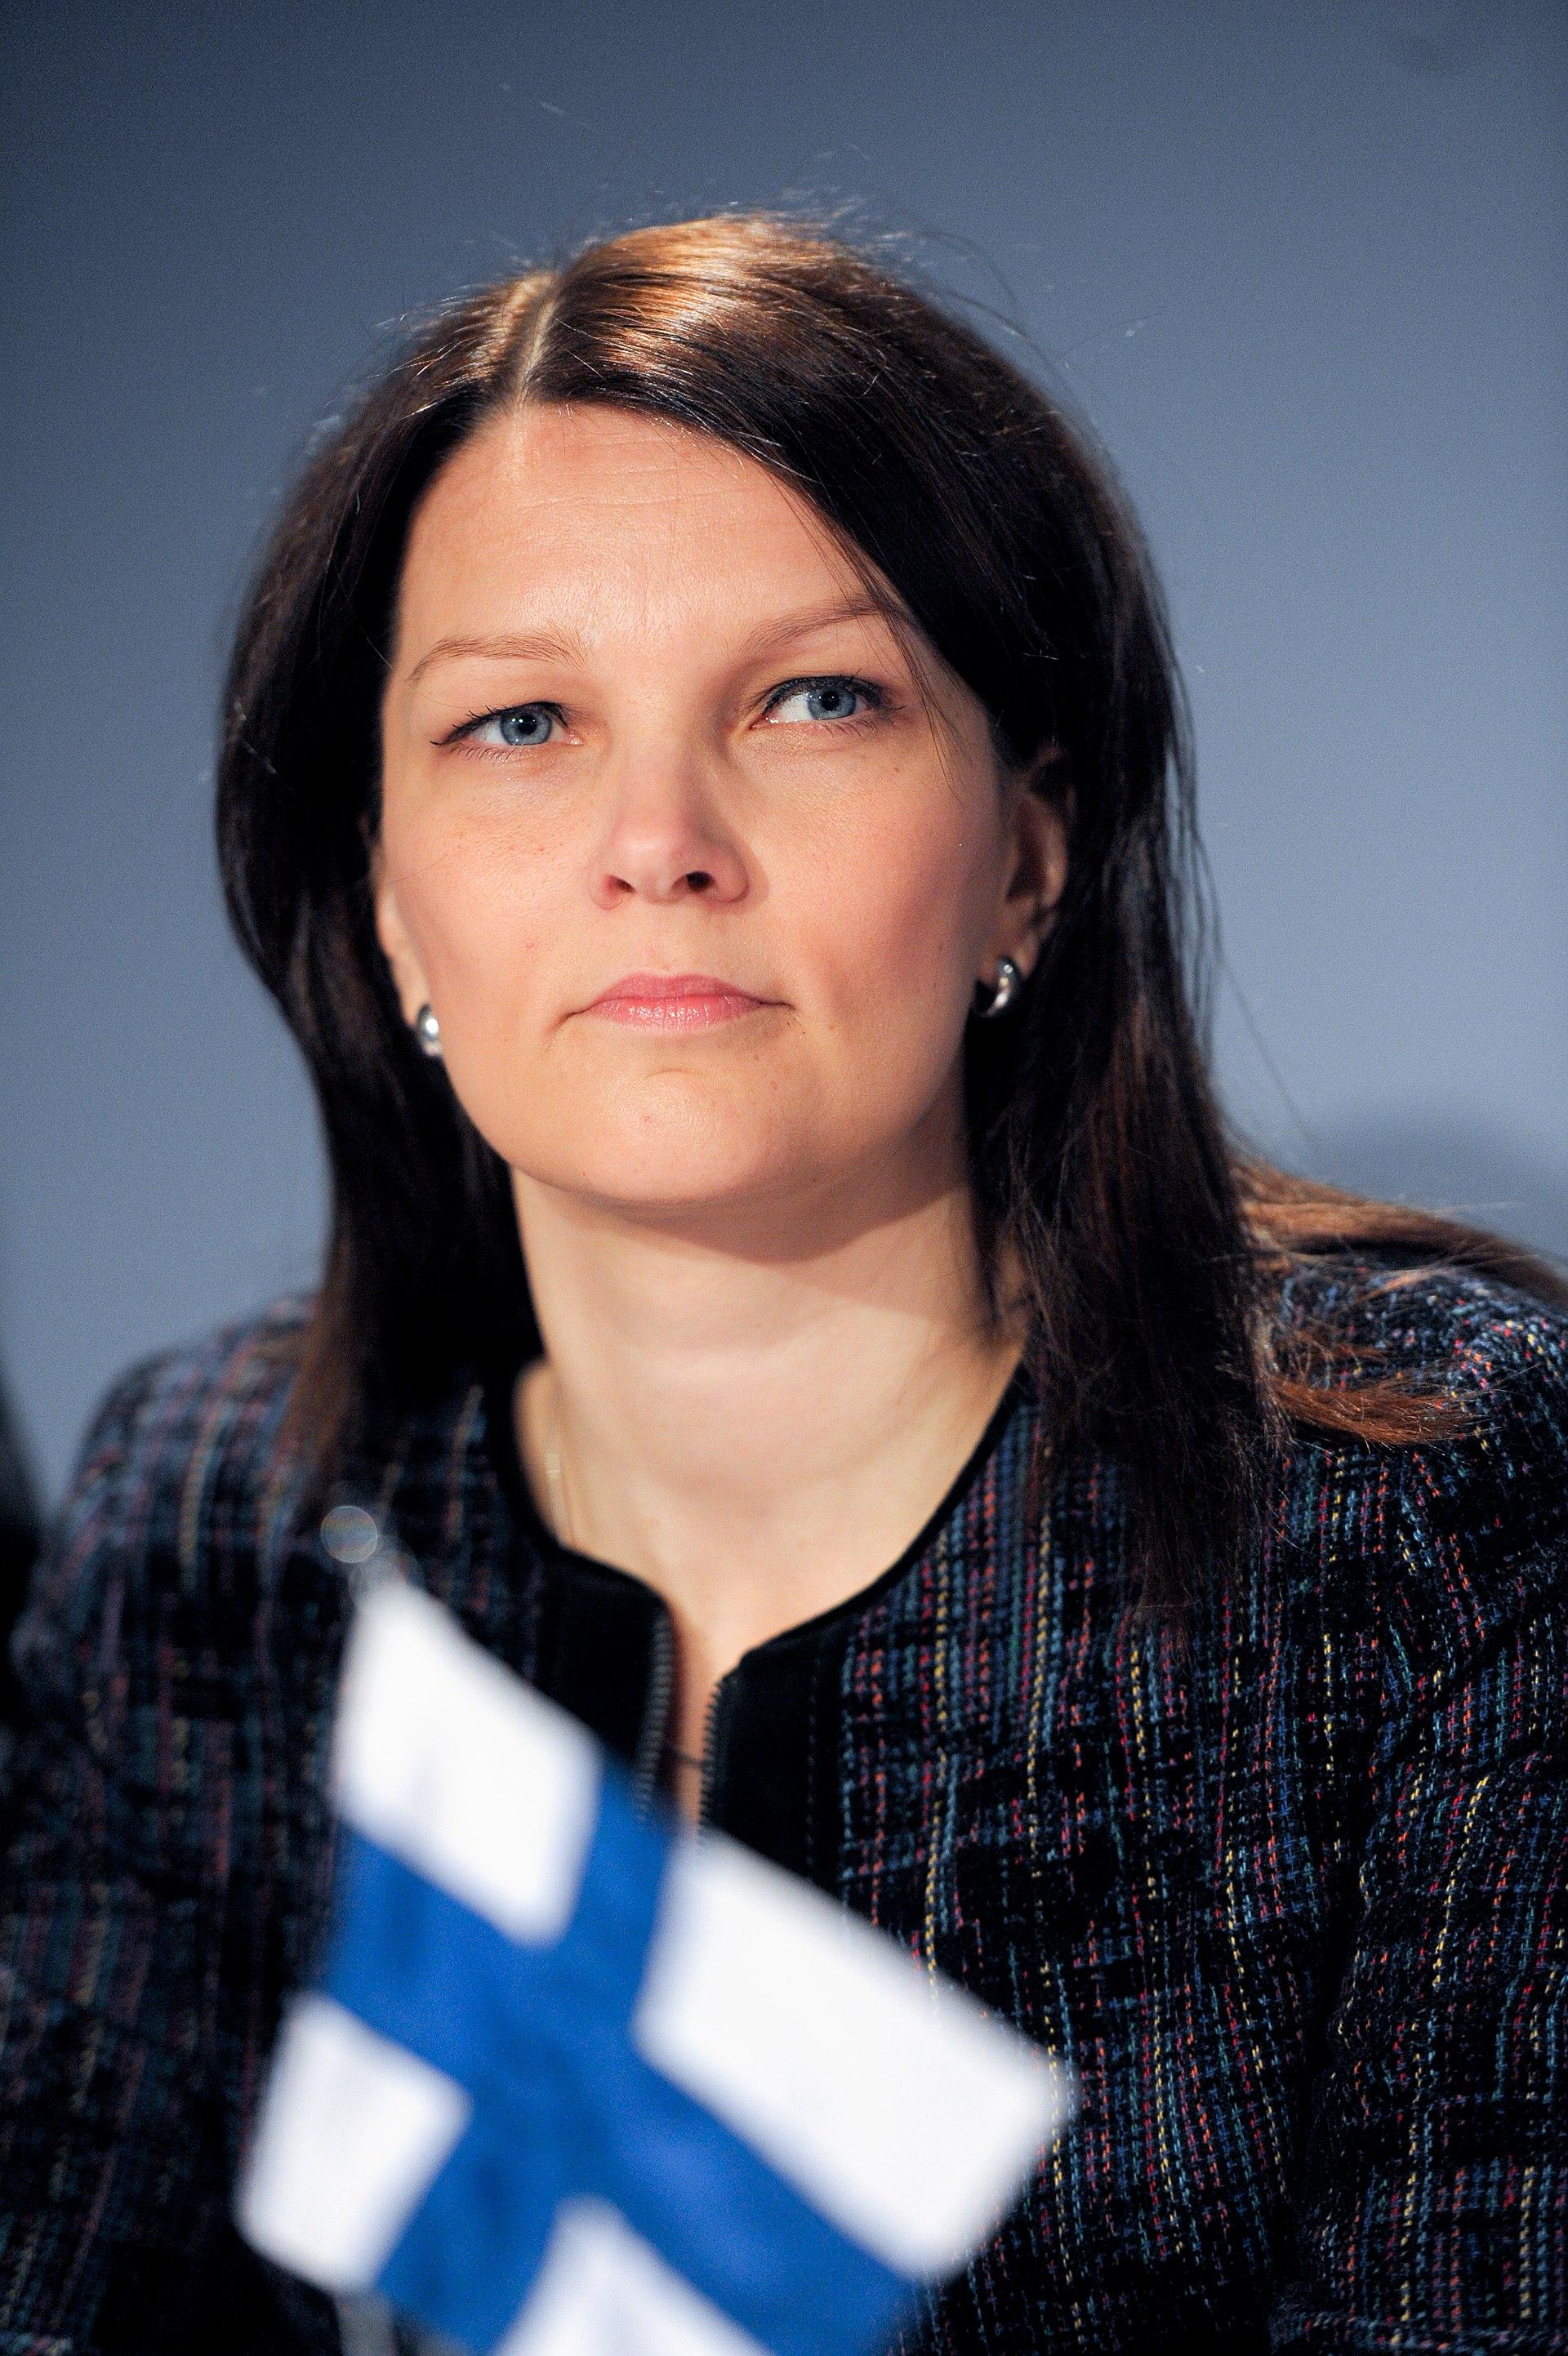 Mari Kiviniemi - Wikipedia